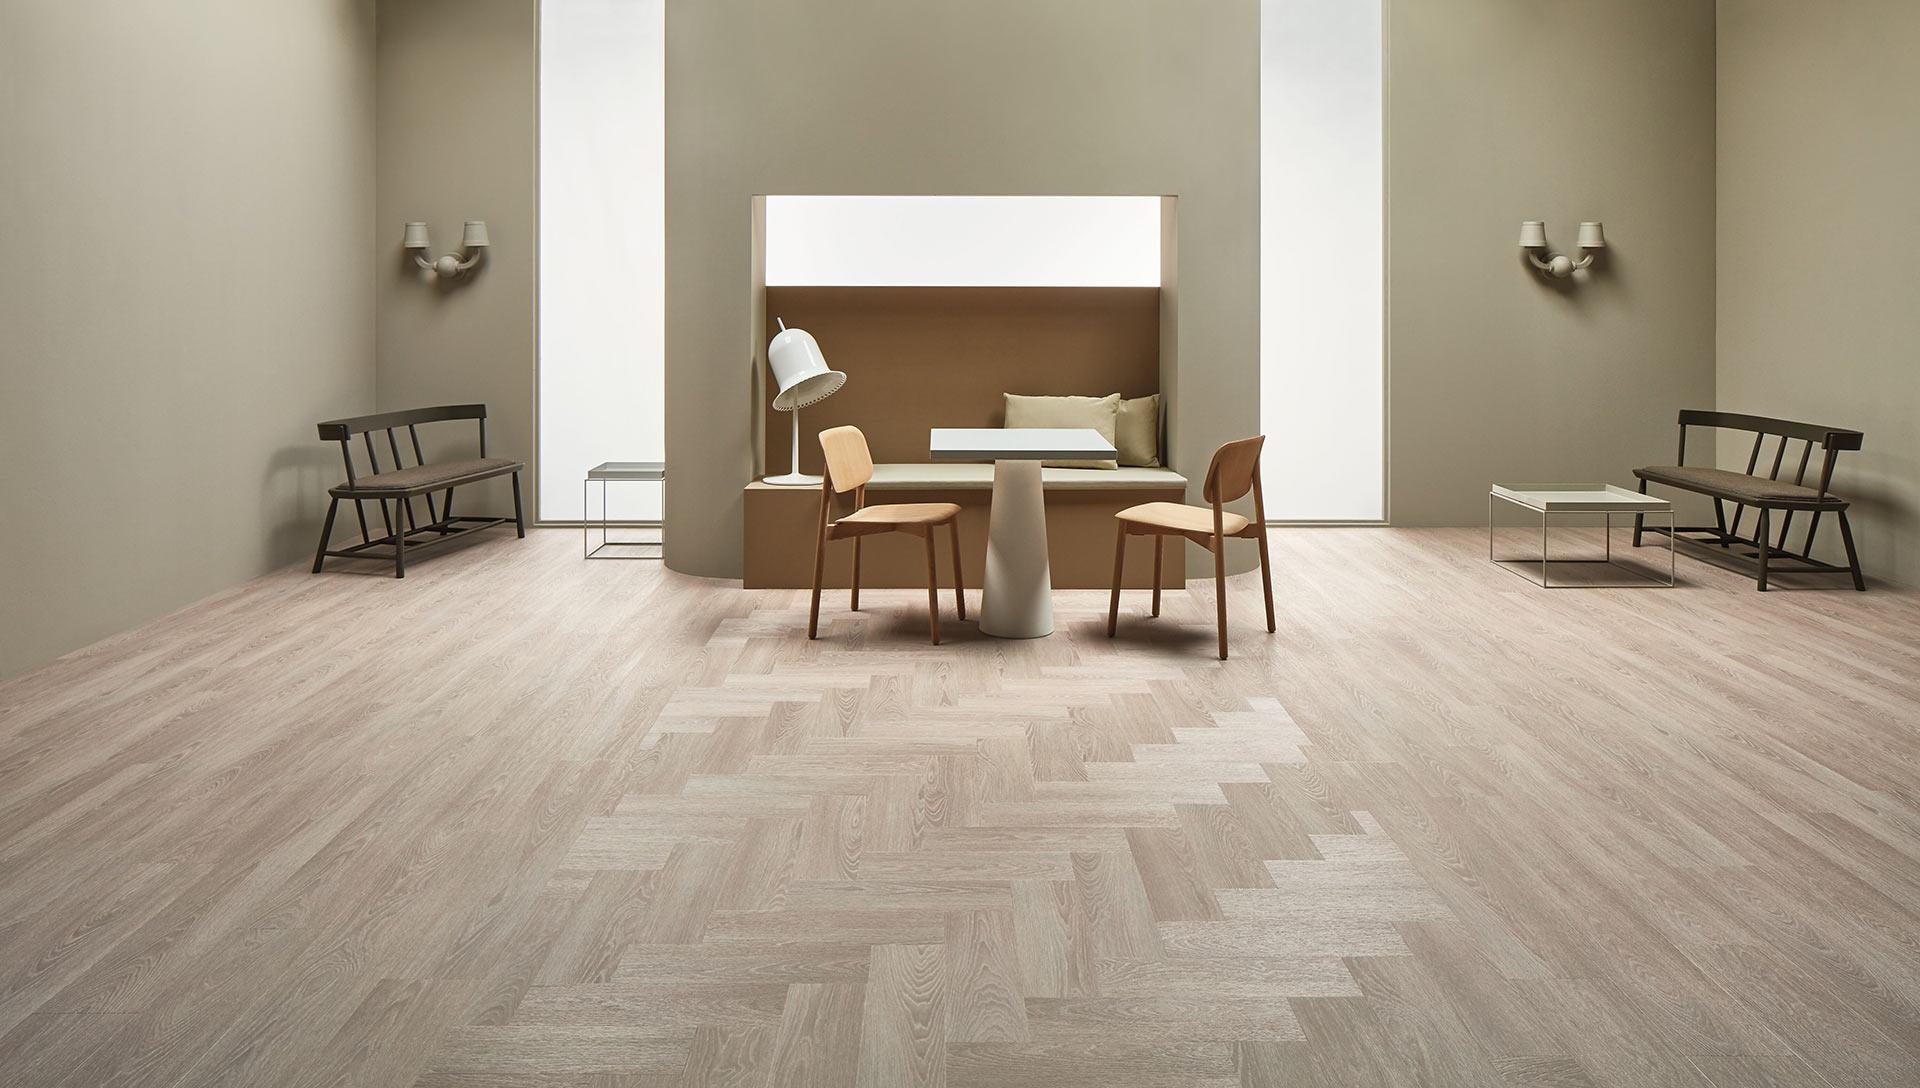 Vinylboden - Bleached Timber - Ansicht 2